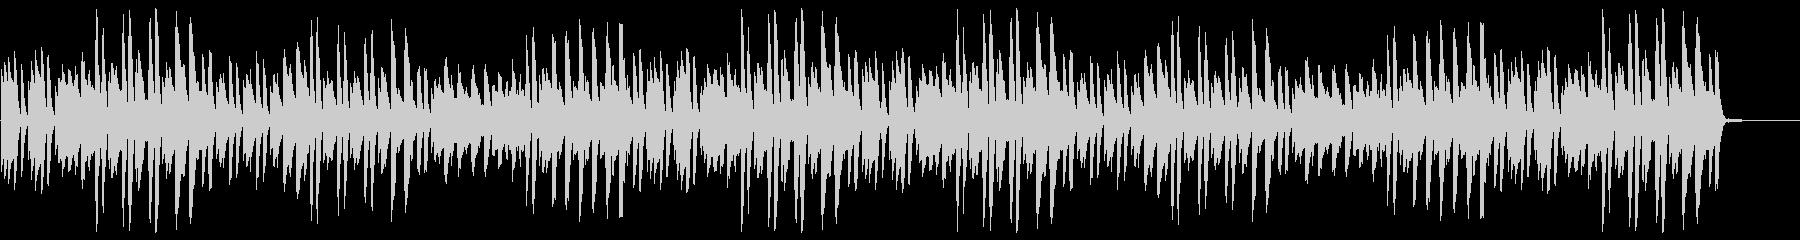 猫踏んじゃった【ピアノ】(アップテンポ)の未再生の波形